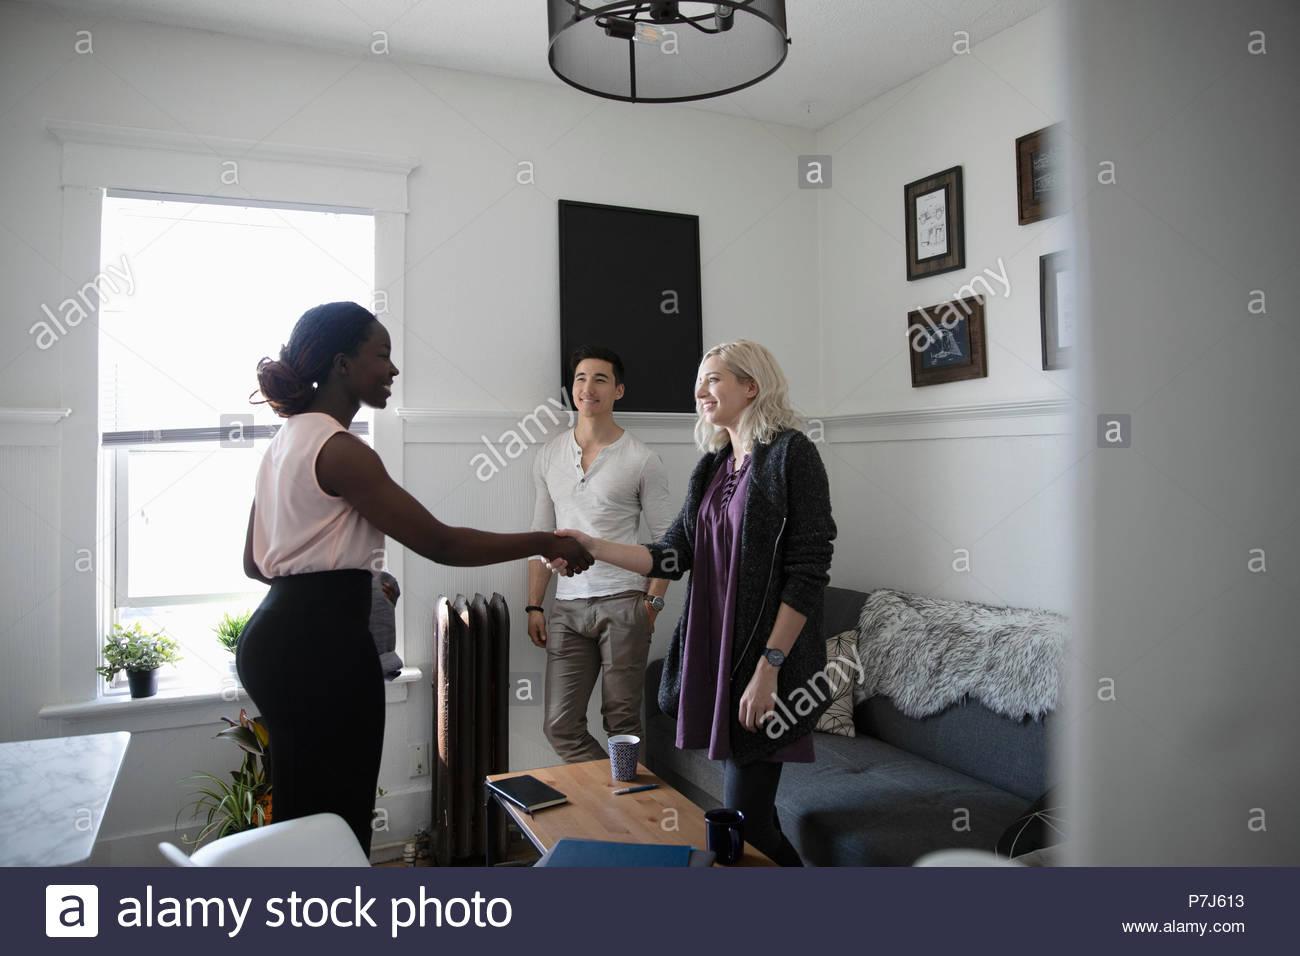 Advisor finanziario consulenza con coppia giovane in salotto Immagini Stock